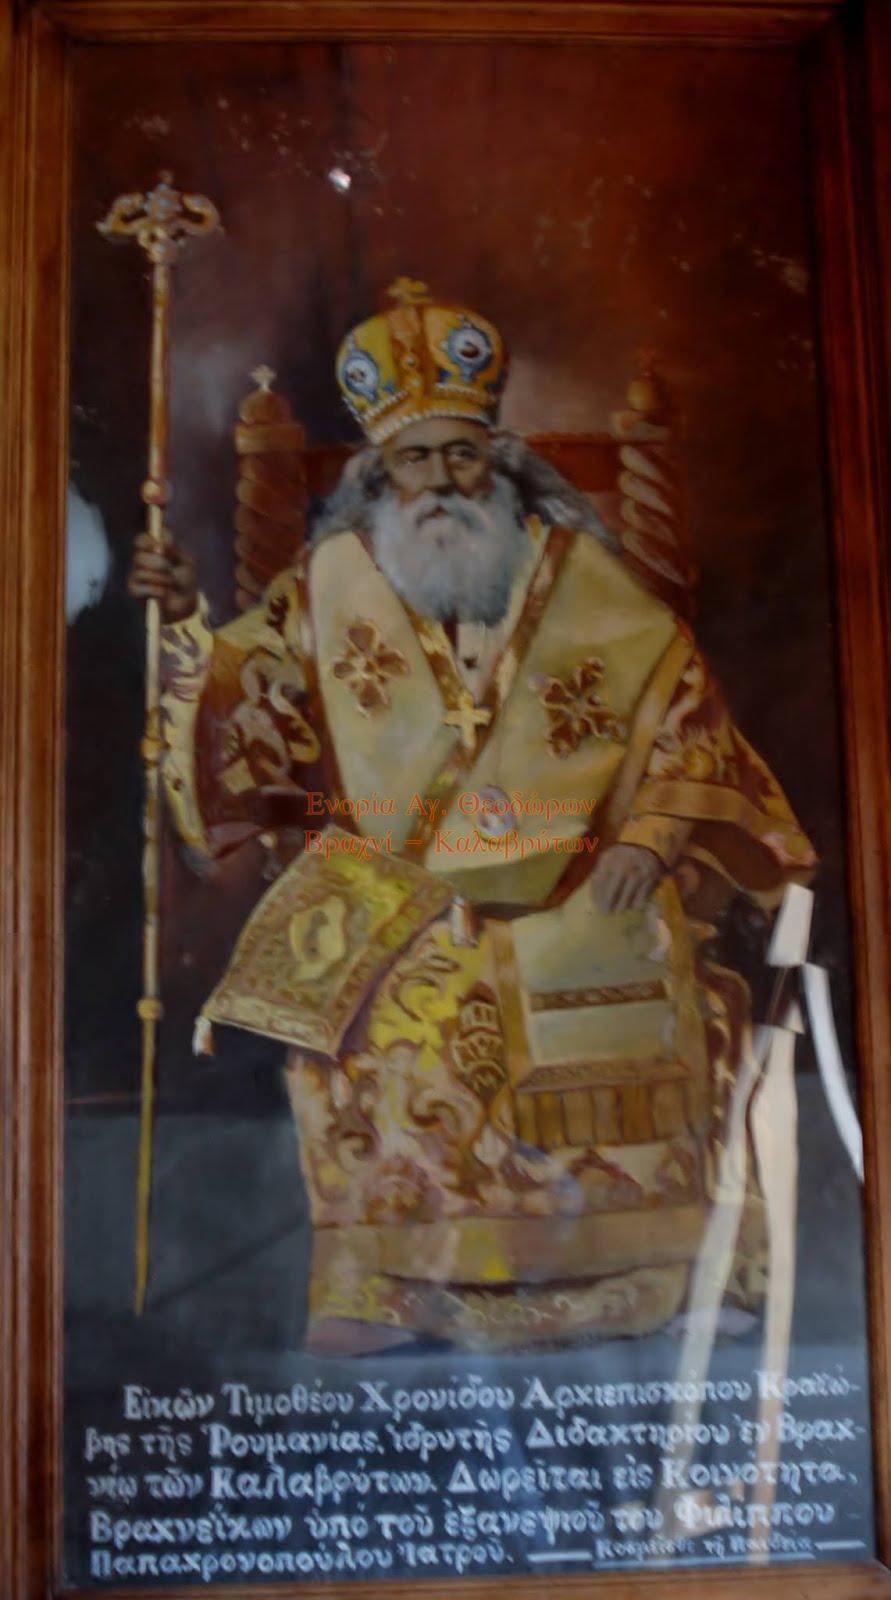 Μητροπολίτης Ευδοξιάδος ΤΙΜΟΘΕΟΣ Χρονίδης - Ο ΕΥΕΡΓΕΤΗΣ ΤΟΥ ΒΡΑΧΝΙΟΥ